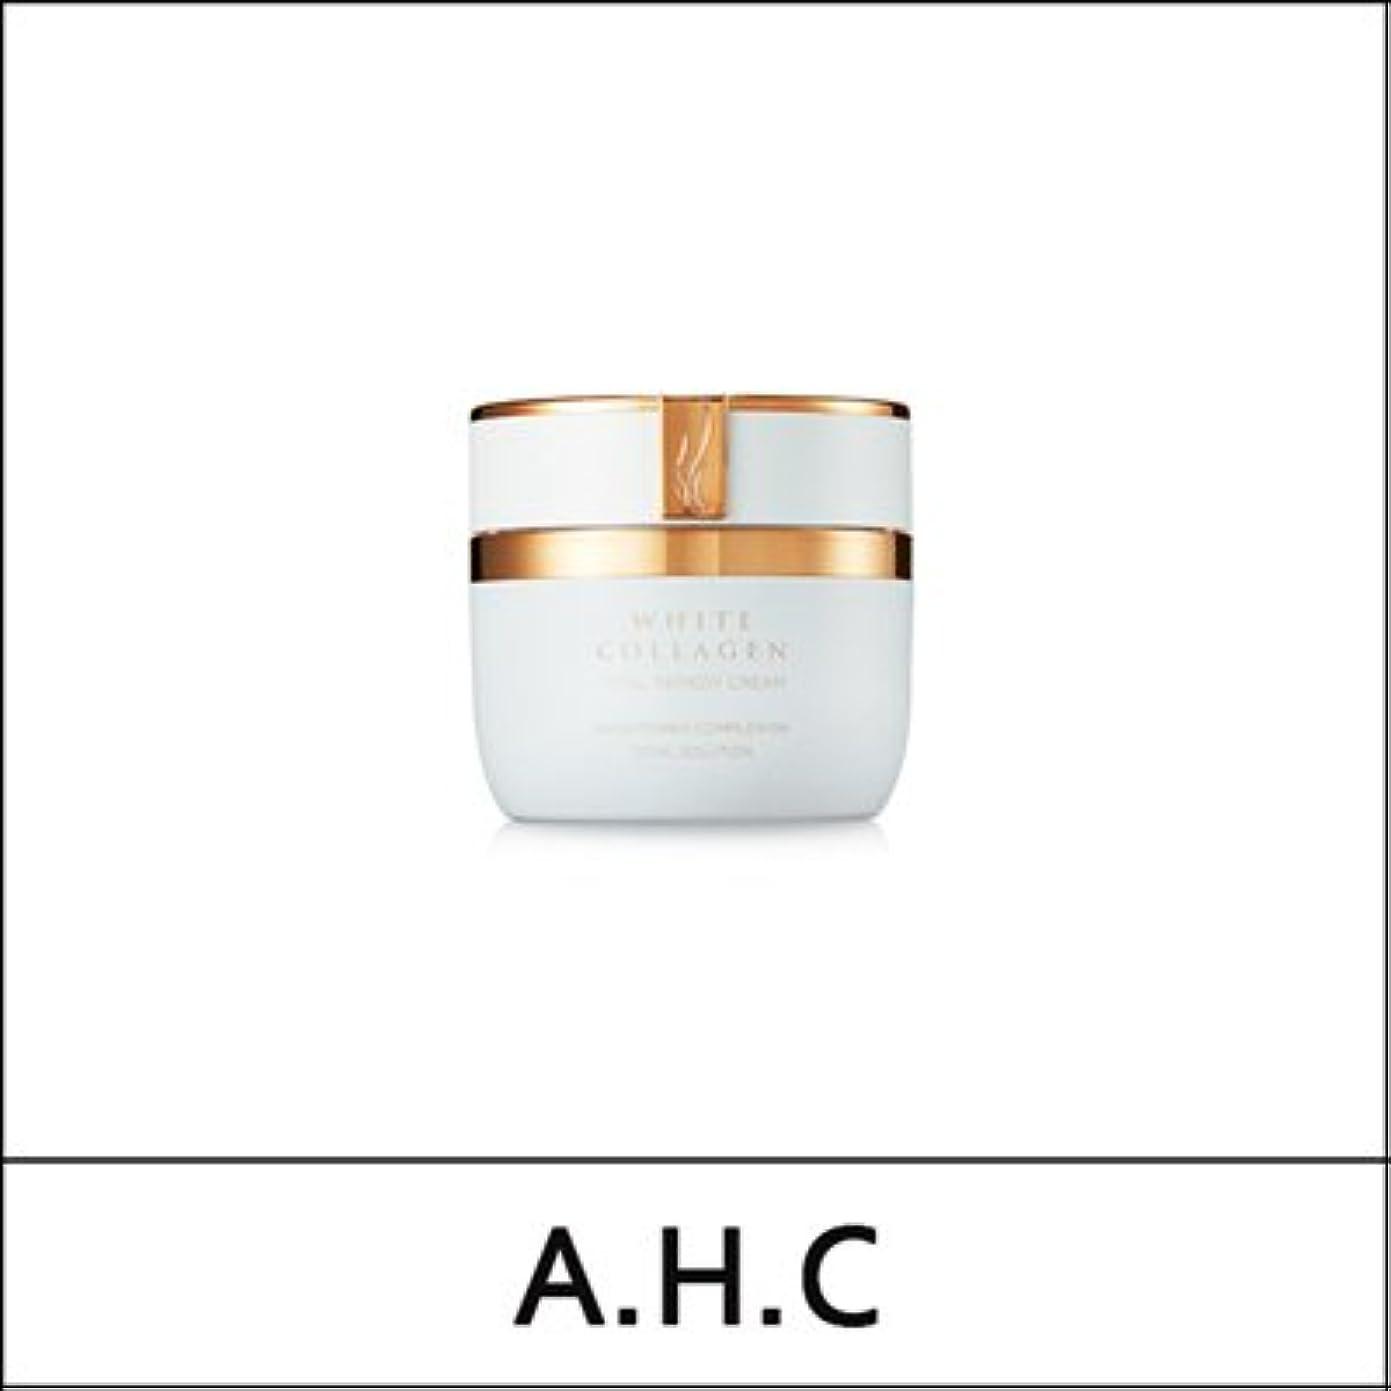 マウント幼児先例A.H.C (AHC) White Collagen Total Remedy Cream 50g/A.H.C ホワイト コラーゲン トータル レミディ クリーム 50g [並行輸入品]